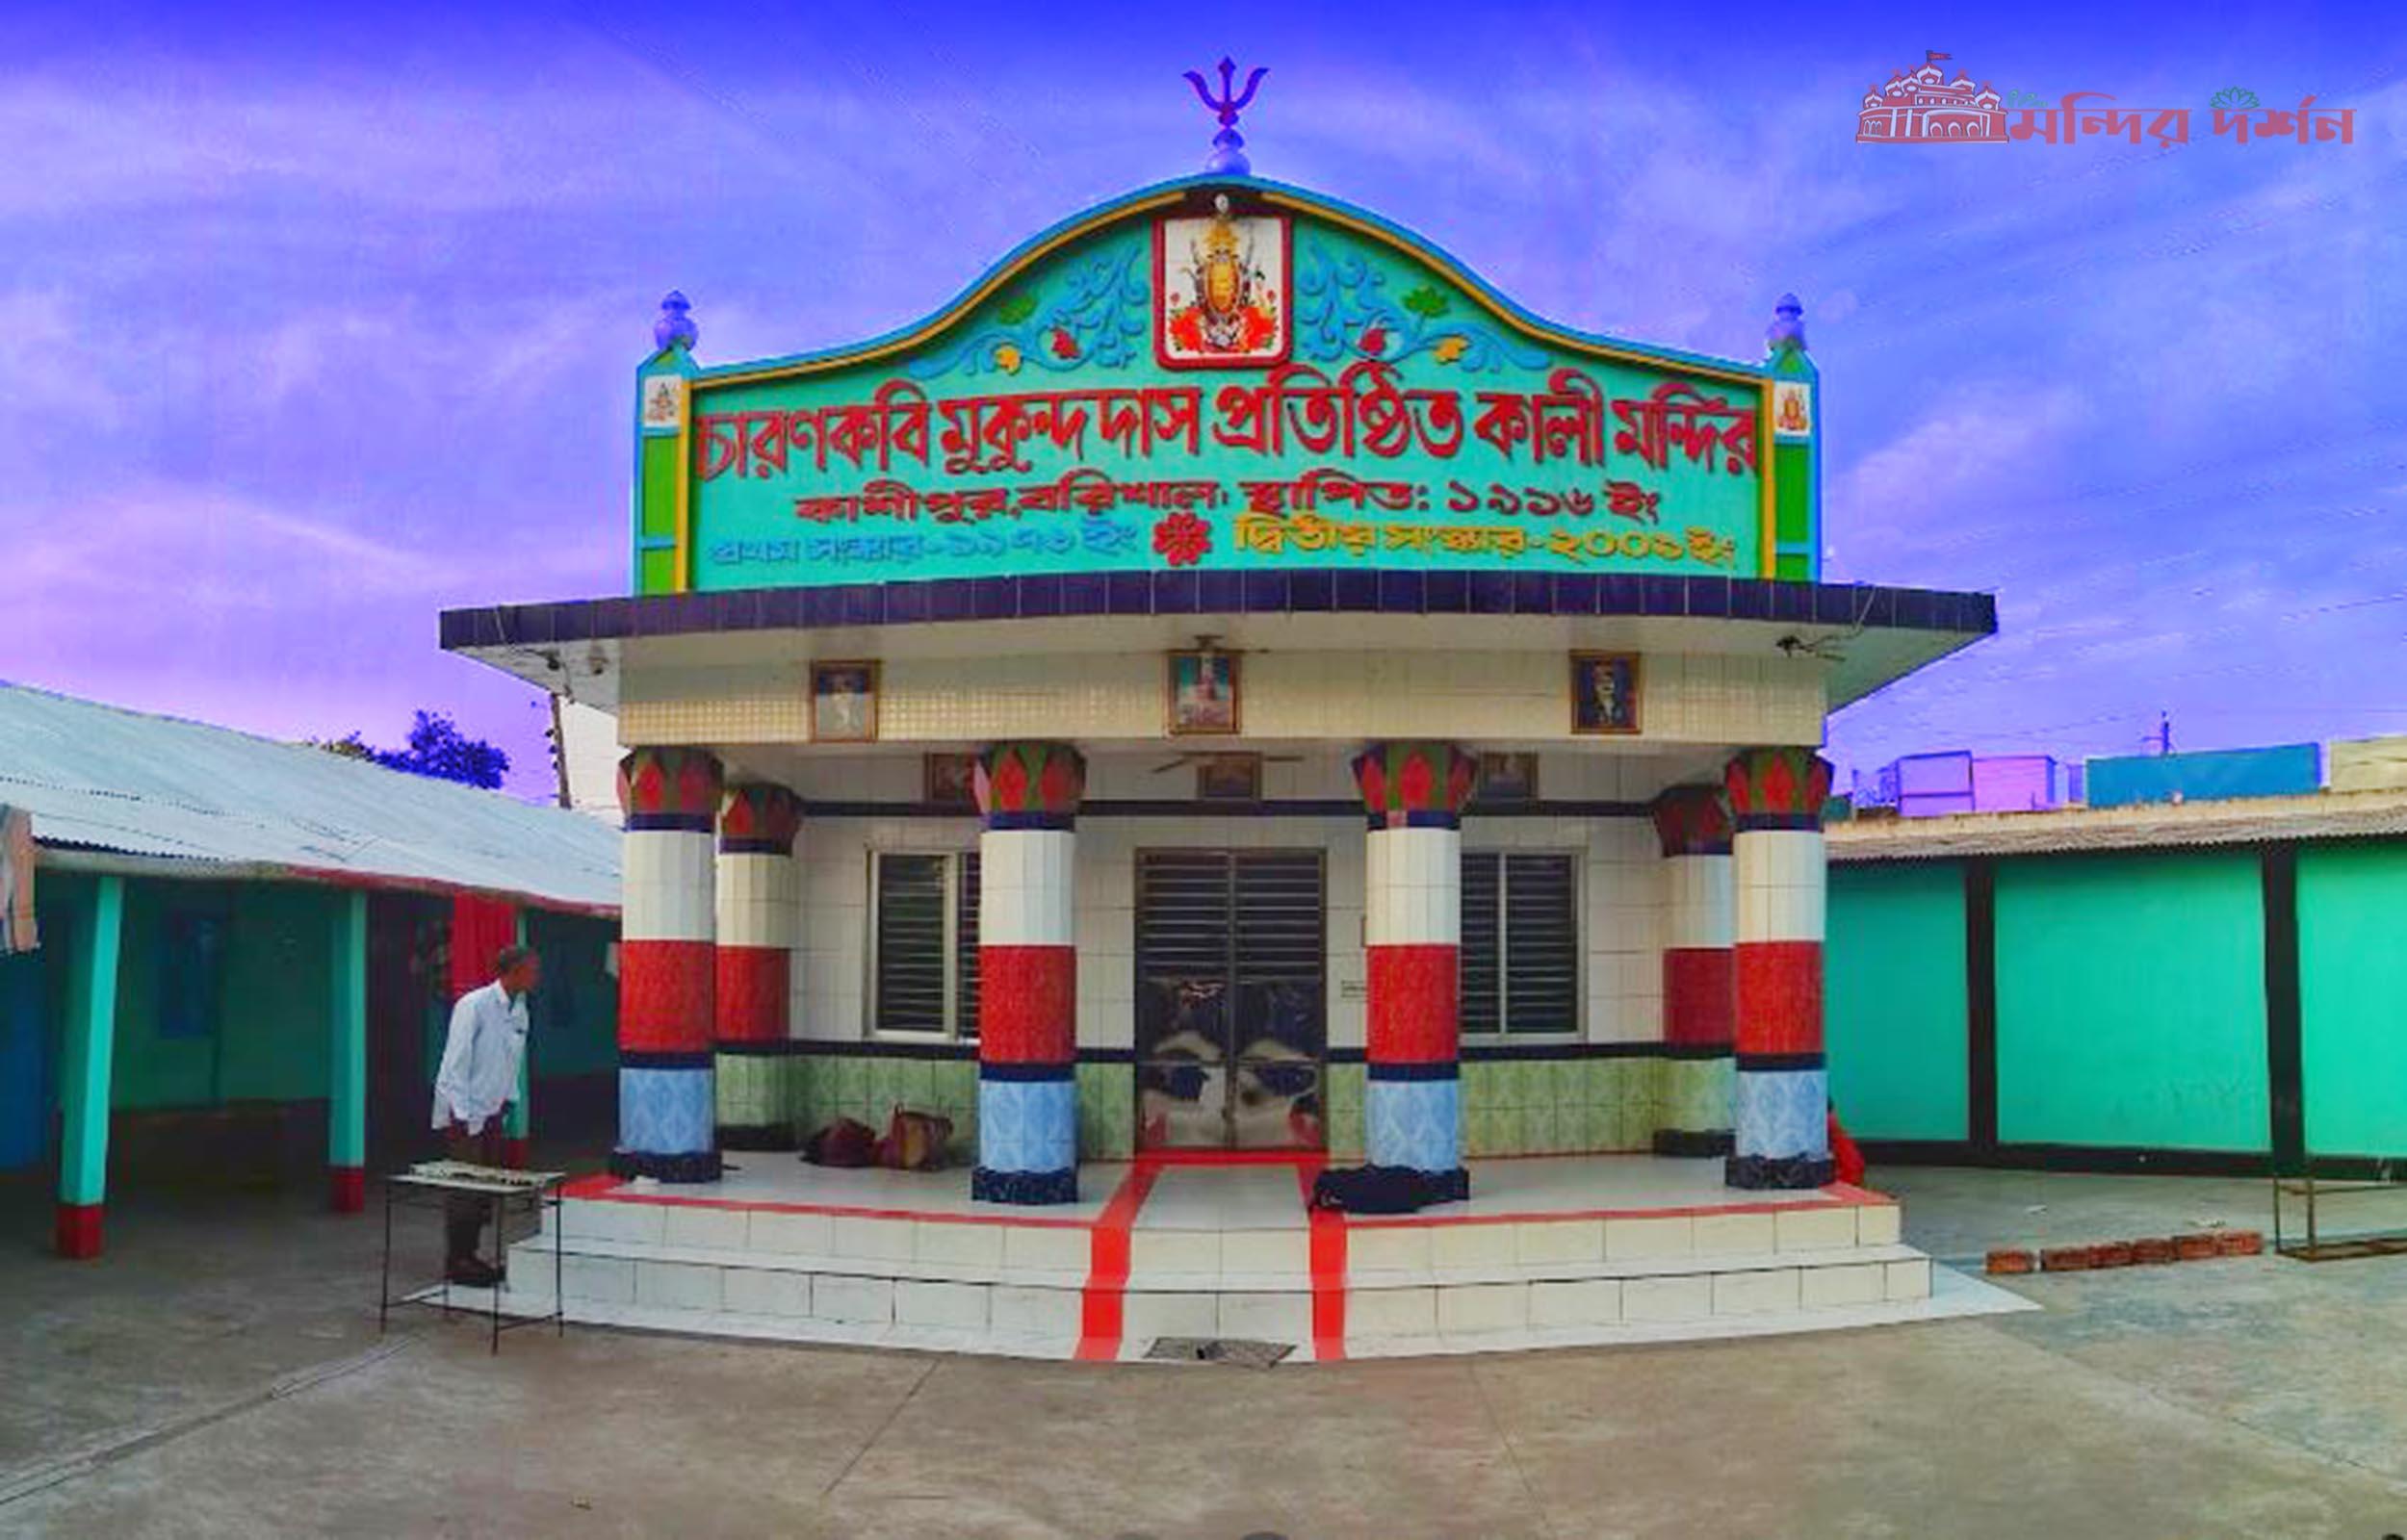 চারণ কবি মুকুন্দ দাস প্রতিষ্ঠিত কালী মন্দির